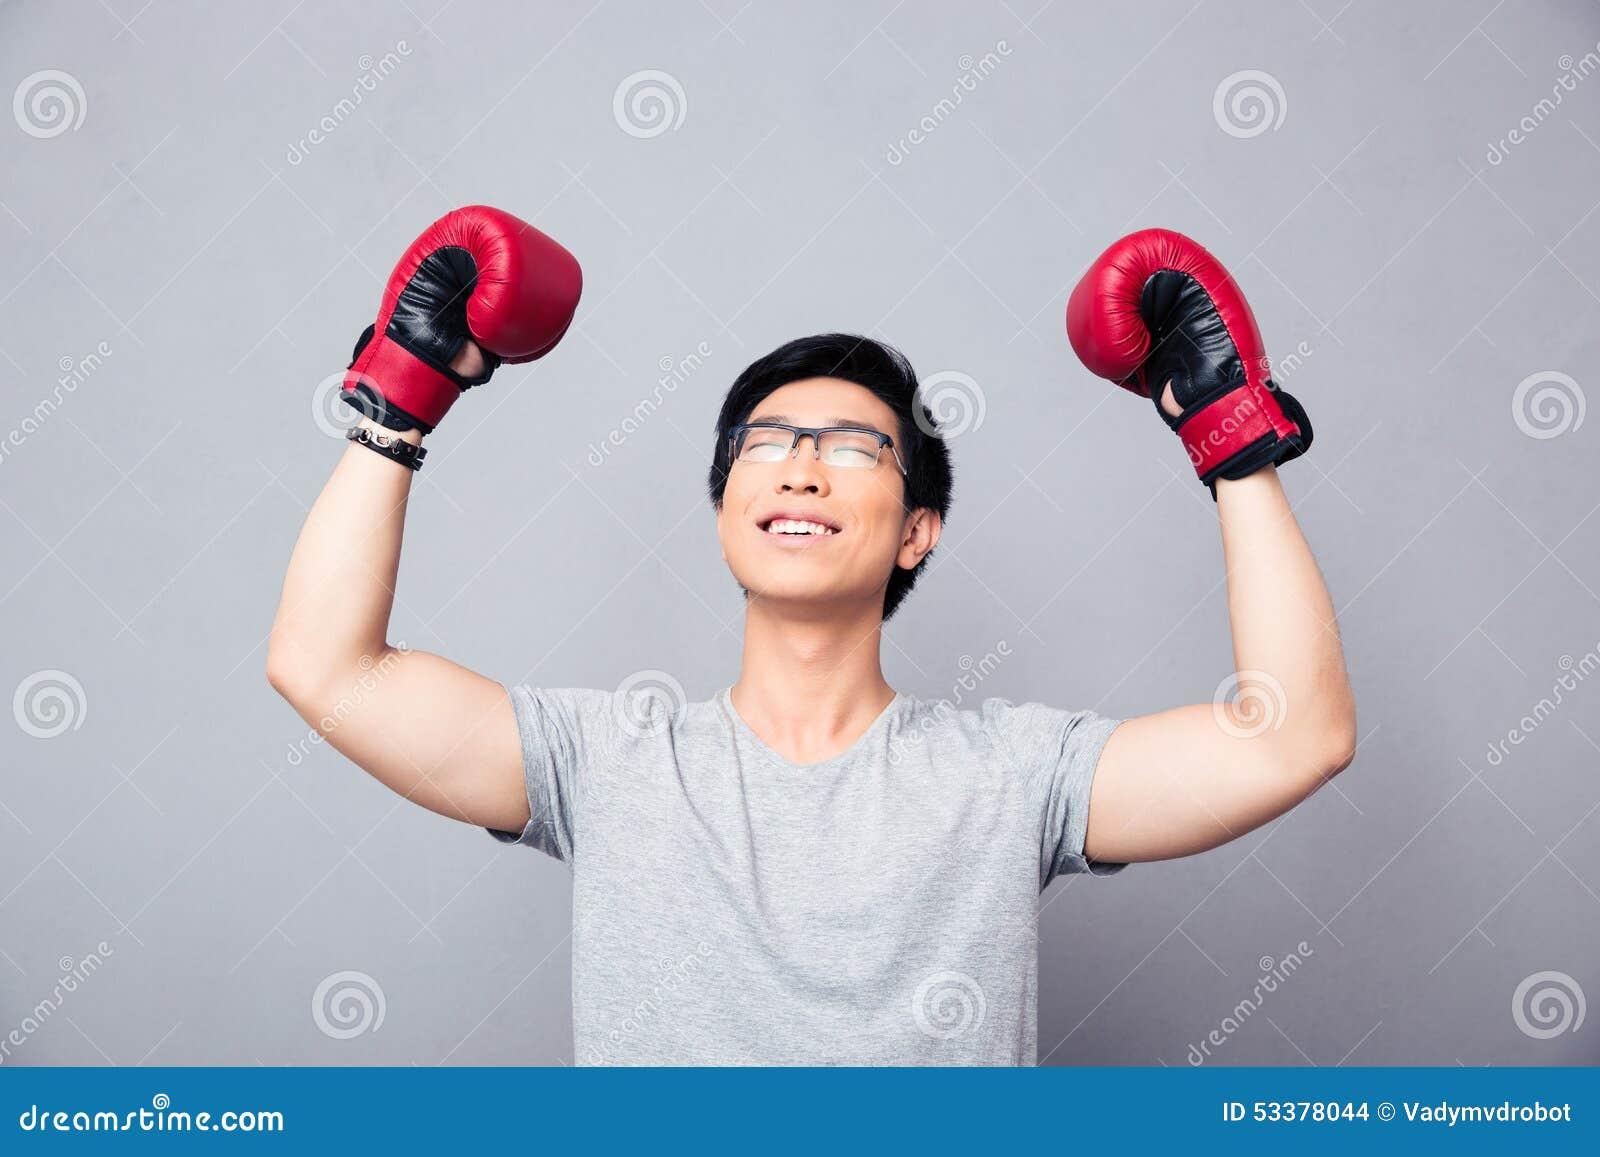 拳击手套的亚裔人高兴胜利